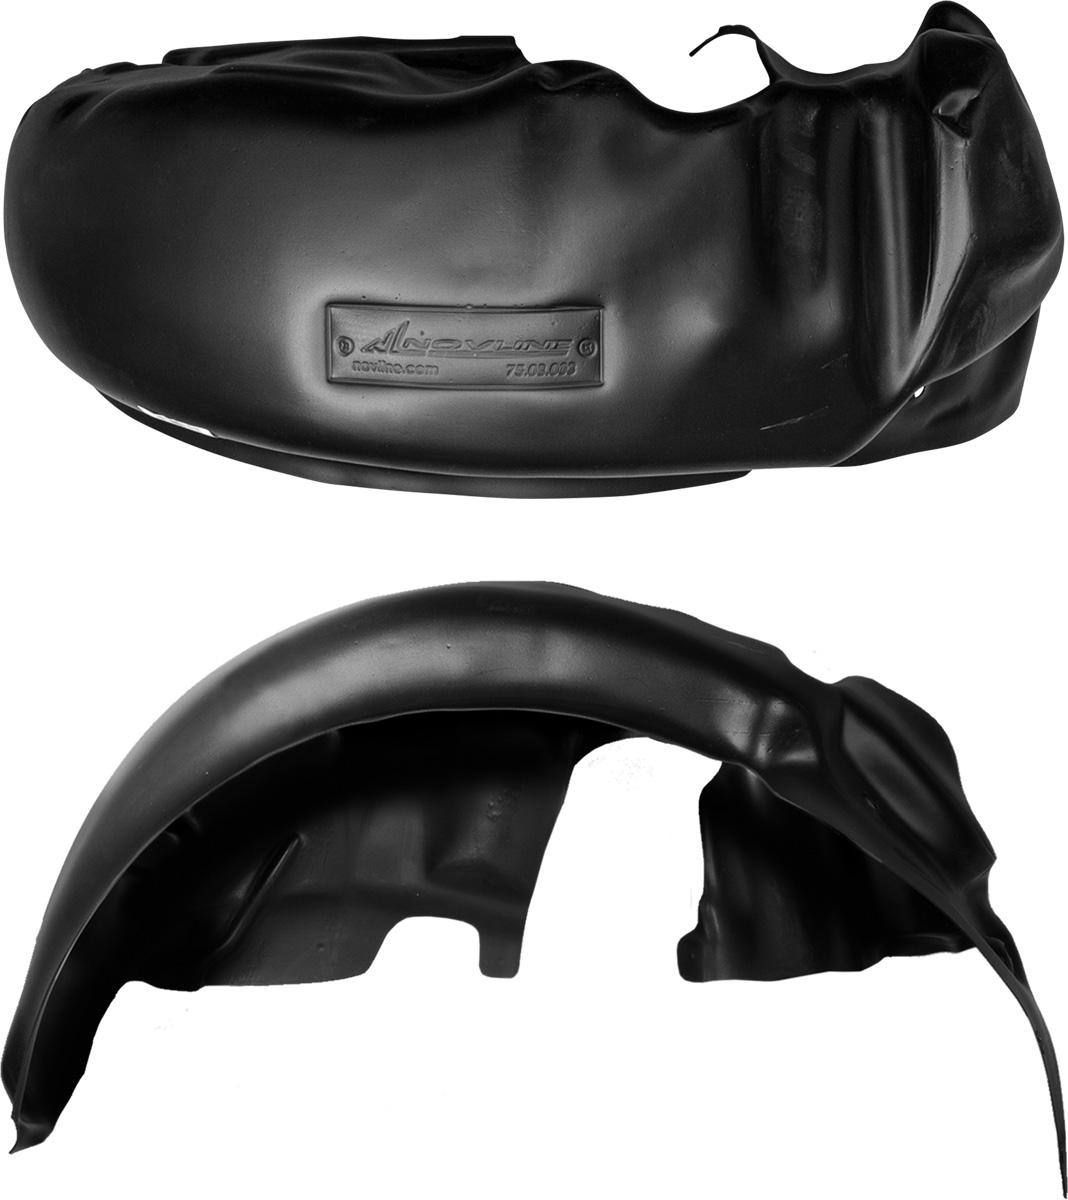 Подкрылок Novline-Autofamily, для Chevrolet Lacetti, 2004-2013, хэтчбек, седан, задний правый5104Колесные ниши - одни из самых уязвимых зон днища вашего автомобиля. Они постоянно подвергаются воздействию со стороны дороги. Лучшая, почти абсолютная защита для них - специально отформованные пластиковые кожухи, которые называются подкрылками. Производятся они как для отечественных моделей автомобилей, так и для иномарок. Подкрылки Novline-Autofamily выполнены из высококачественного, экологически чистого пластика. Обеспечивают надежную защиту кузова автомобиля от пескоструйного эффекта и негативного влияния, агрессивных антигололедных реагентов. Пластик обладает более низкой теплопроводностью, чем металл, поэтому в зимний период эксплуатации использование пластиковых подкрылков позволяет лучше защитить колесные ниши от налипания снега и образования наледи. Оригинальность конструкции подчеркивает элегантность автомобиля, бережно защищает нанесенное на днище кузова антикоррозийное покрытие и позволяет осуществить крепление подкрылков внутри колесной арки практически без дополнительного крепежа и сверления, не нарушая при этом лакокрасочного покрытия, что предотвращает возникновение новых очагов коррозии. Подкрылки долговечны, обладают высокой прочностью и сохраняют заданную форму, а также все свои физико-механические характеристики в самых тяжелых климатических условиях (от -50°С до +50°С).Уважаемые клиенты!Обращаем ваше внимание, на тот факт, что подкрылок имеет форму, соответствующую модели данного автомобиля. Фото служит для визуального восприятия товара.